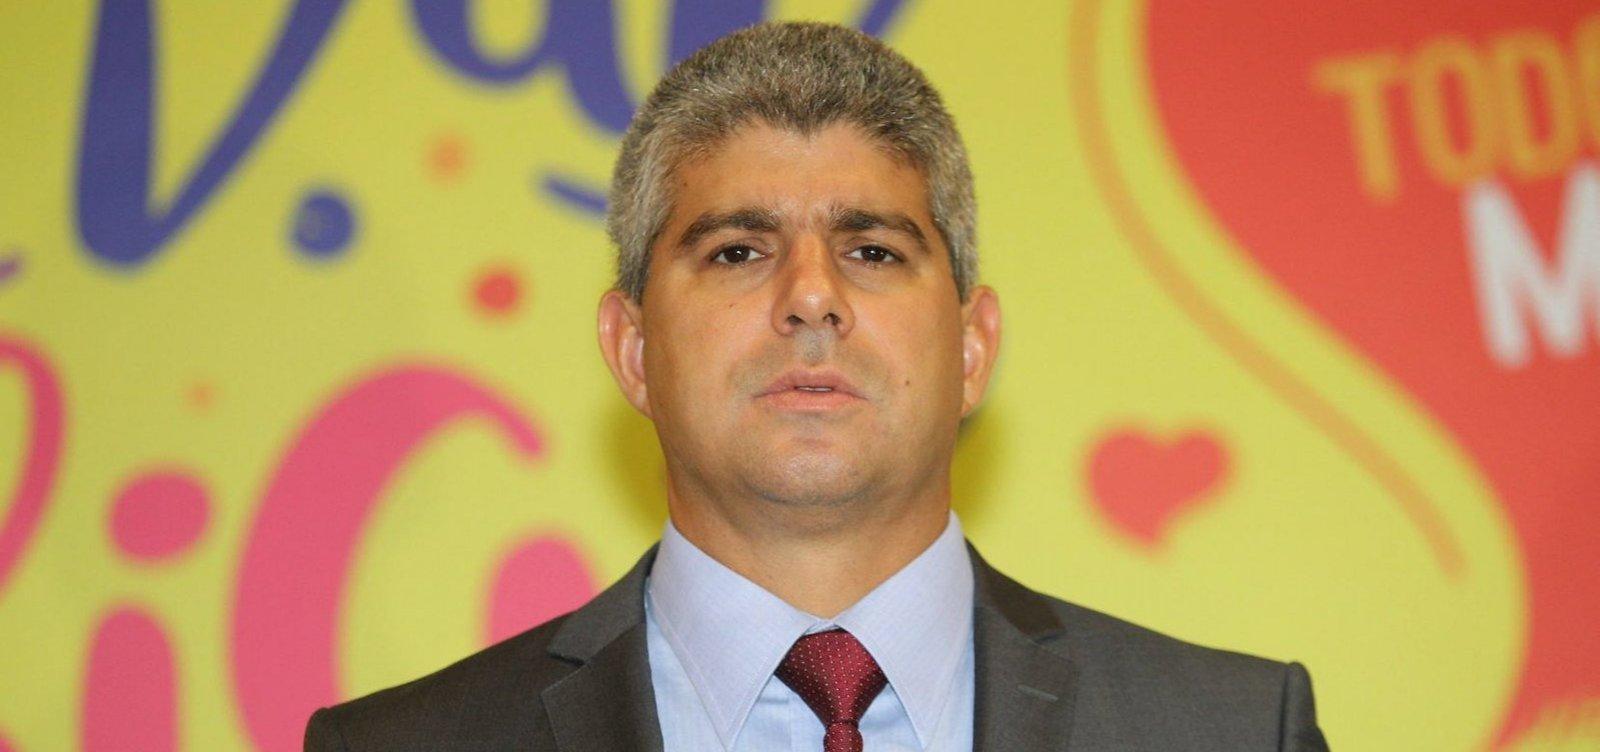 Operação Faroeste: Maurício Barbosa nega participação em esquema criminoso